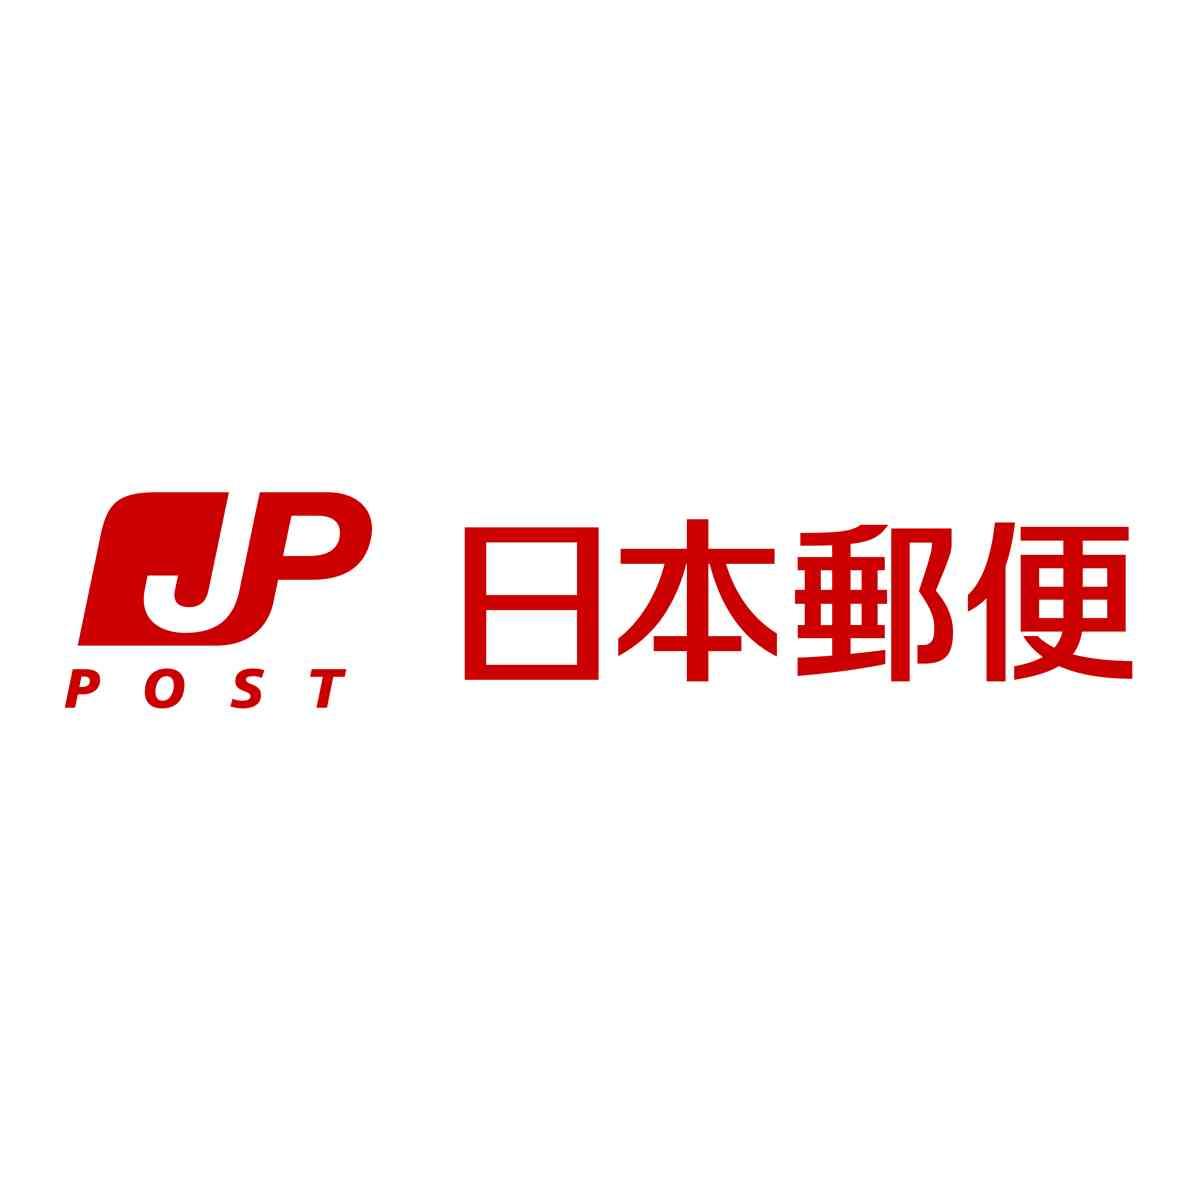 日本郵便も宅配料金値上げ要請検討…通販大手に